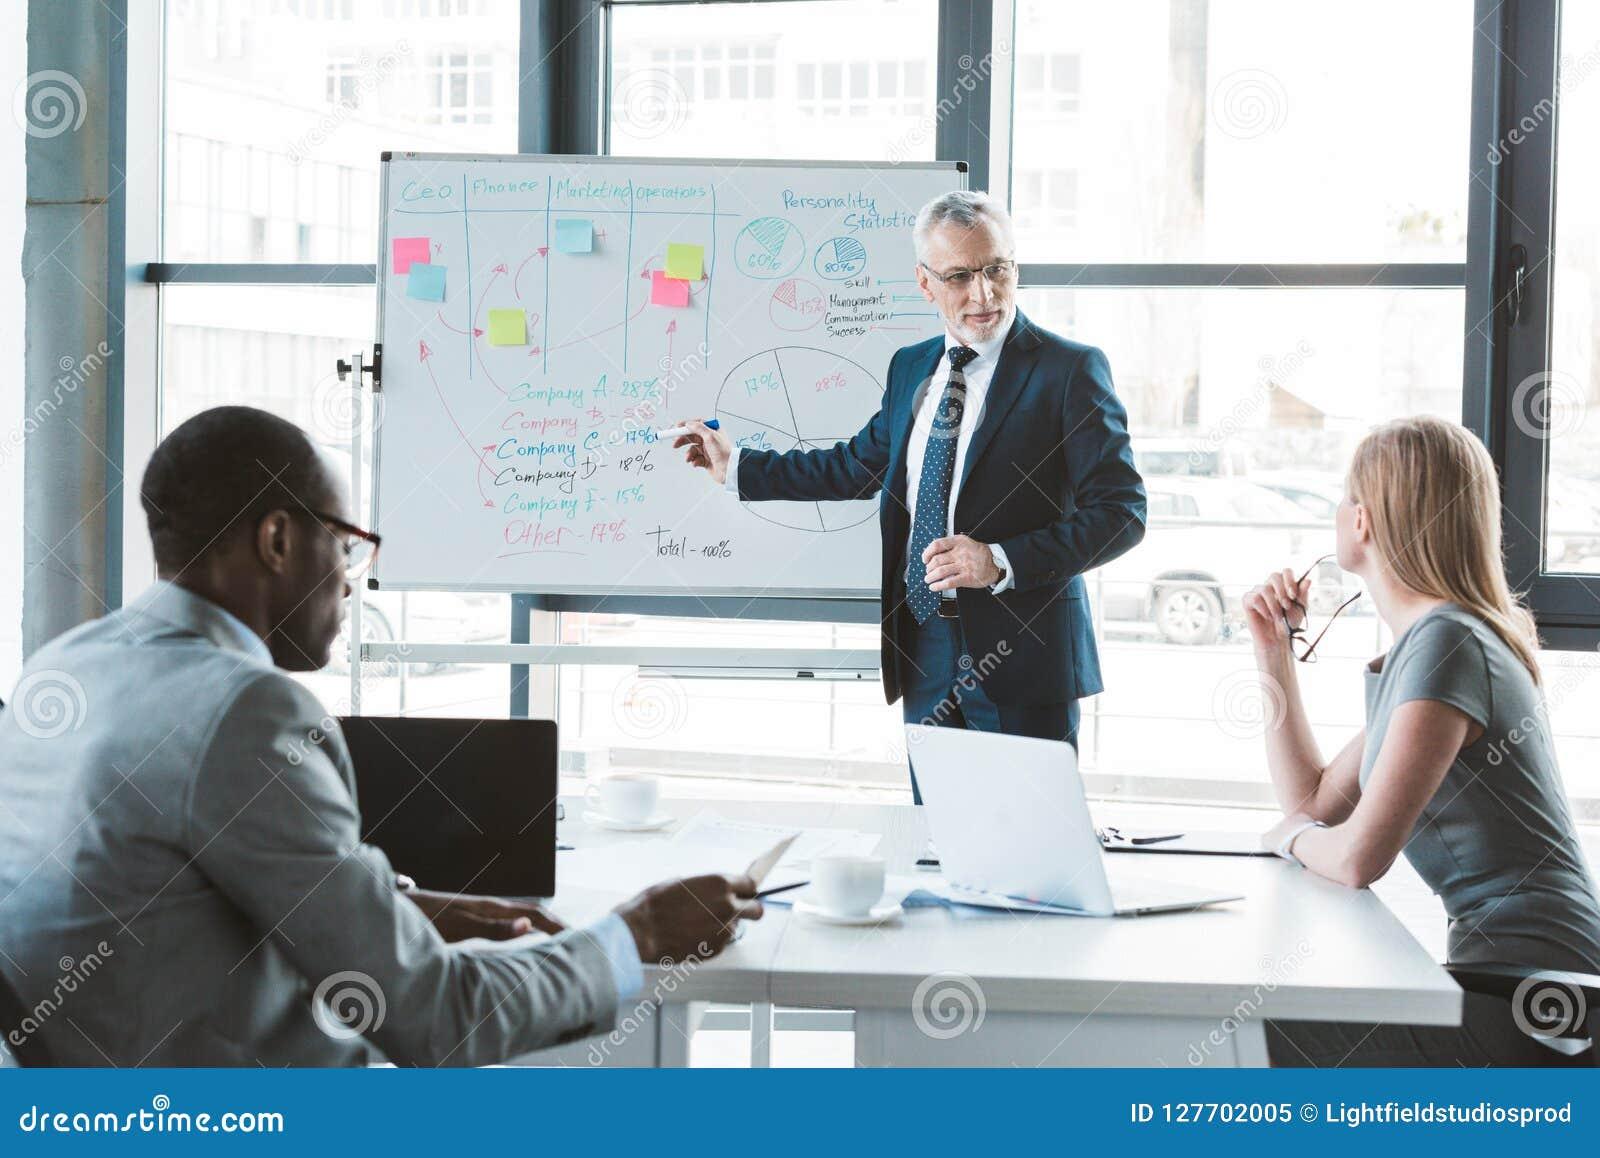 Hogere zakenman die op whiteboard met grafieken en grafieken richten terwijl het bespreken van bedrijfsproject